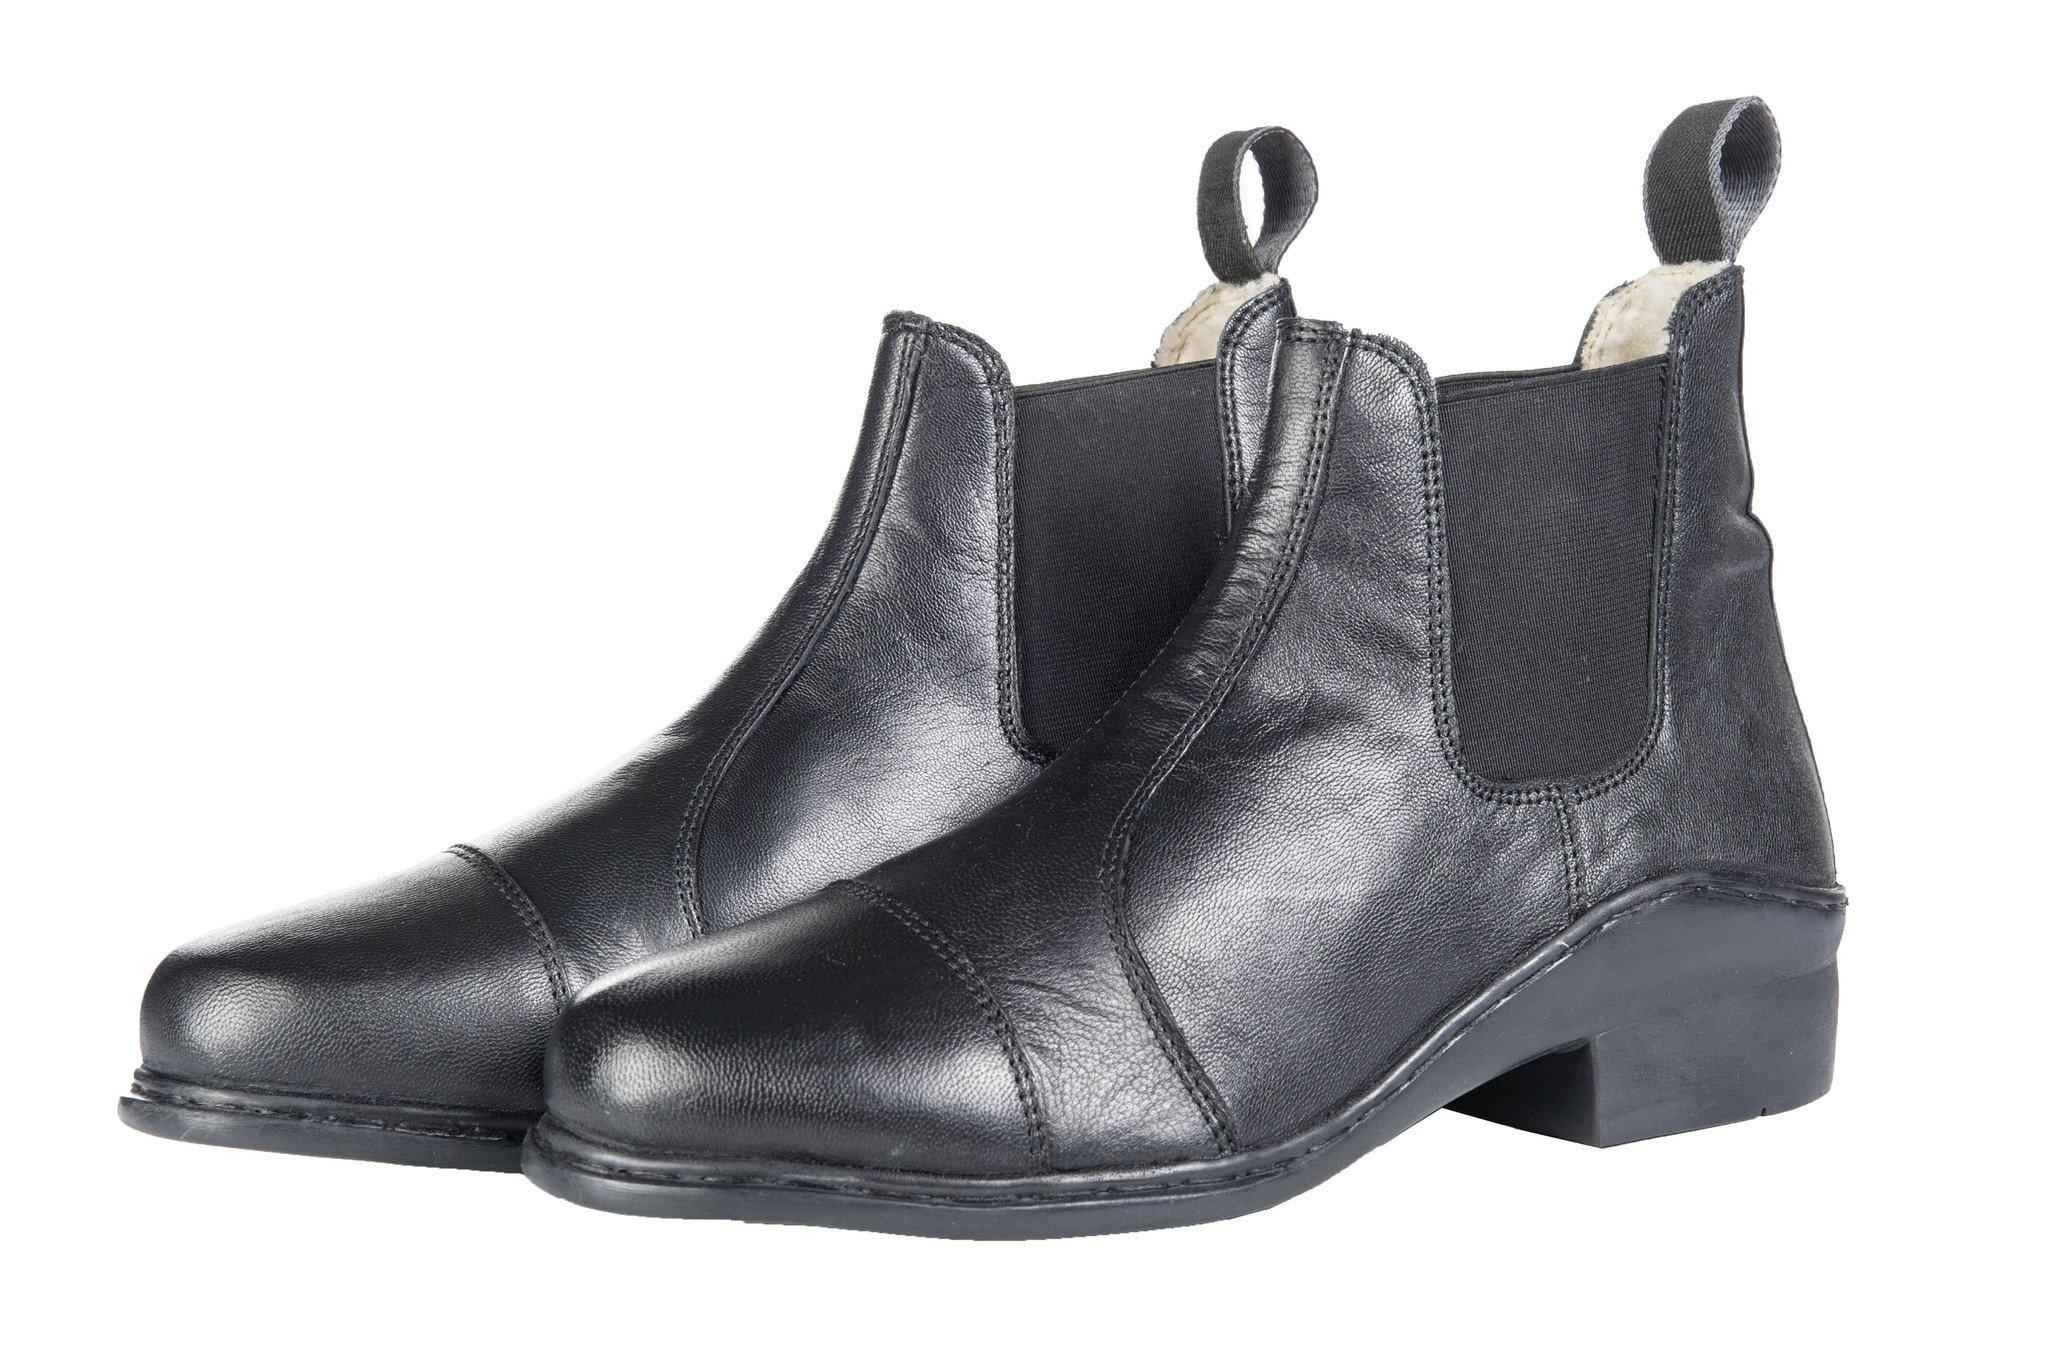 422c2b3aec3c Jazdecké Jodhpur topánky -Softy- s baránkovou podšívkou elastickou vsadkou  empty